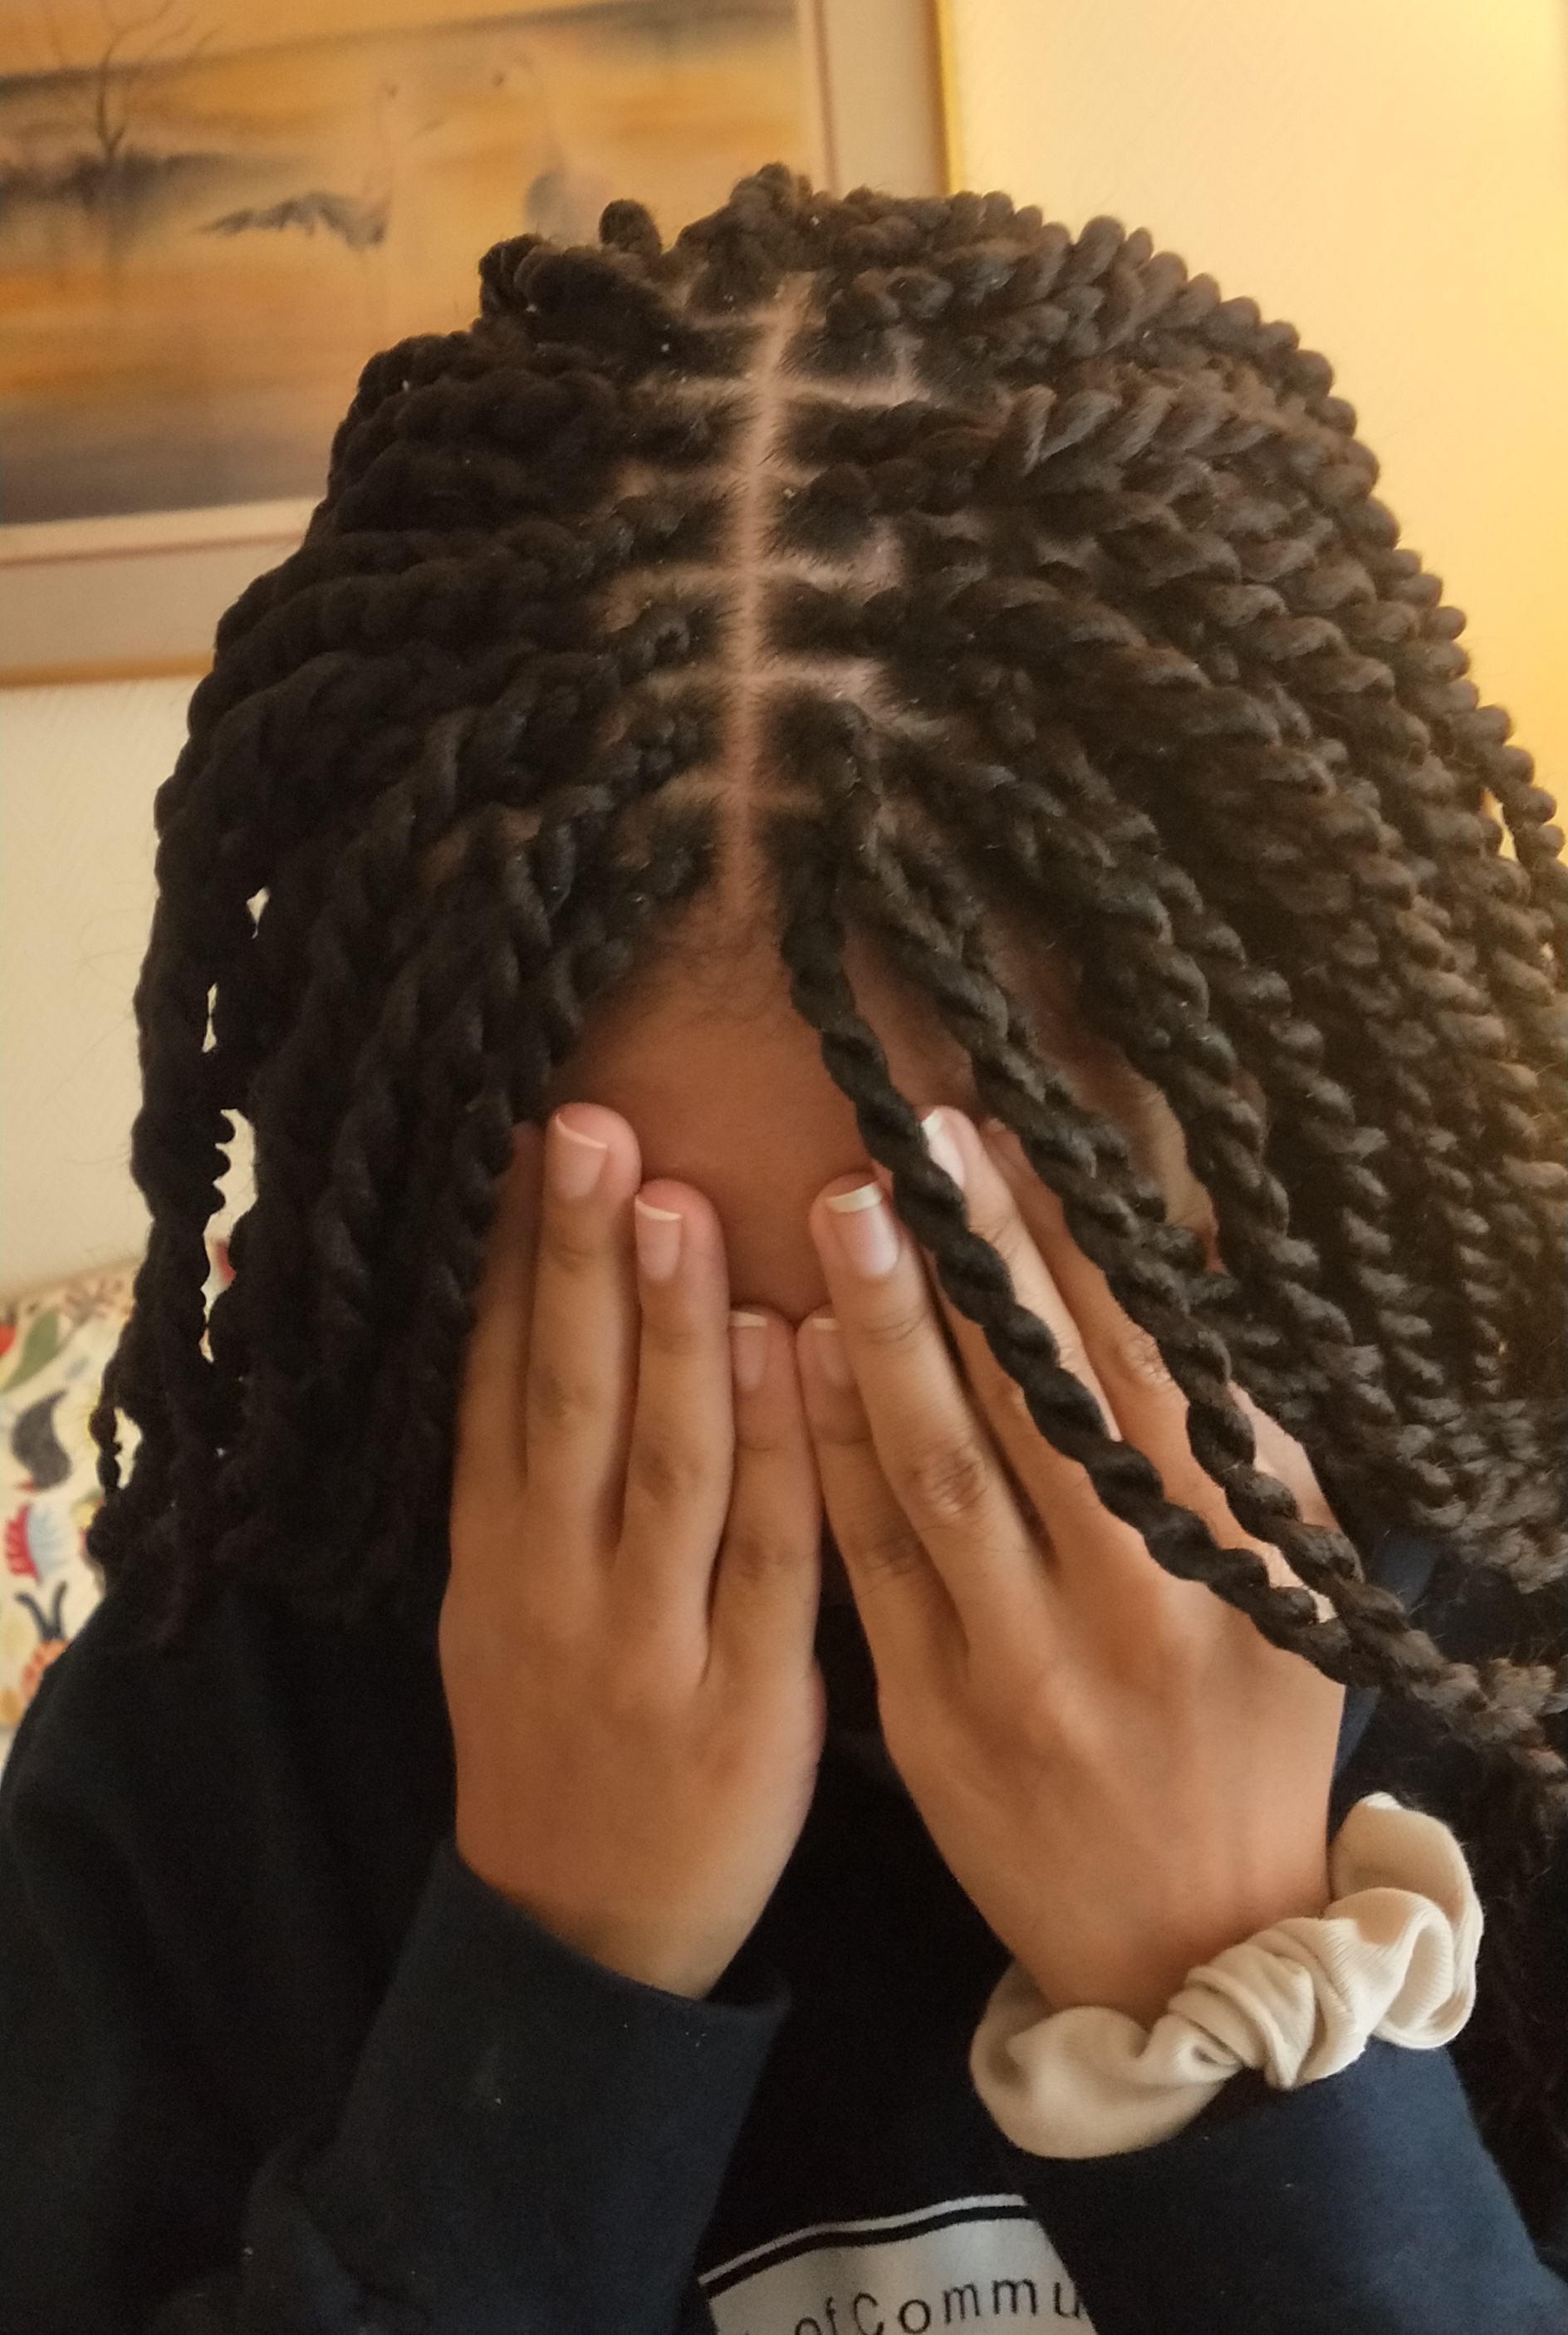 salon de coiffure afro tresse tresses box braids crochet braids vanilles tissages paris 75 77 78 91 92 93 94 95 XJWJYLQS